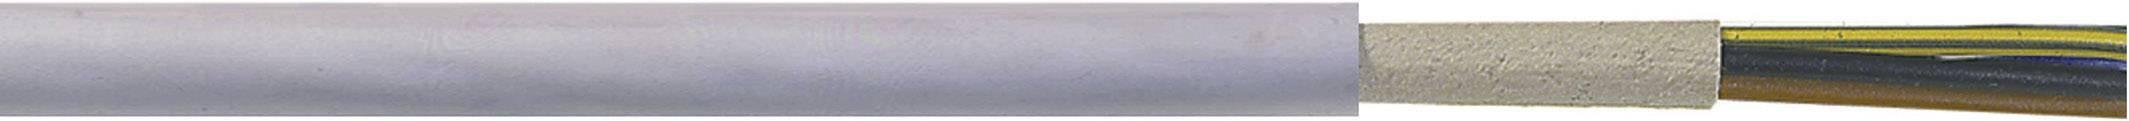 Opláštené vedenie LappKabel NYM-J 16000003, 3 G 1.50 mm², metrový tovar, sivá